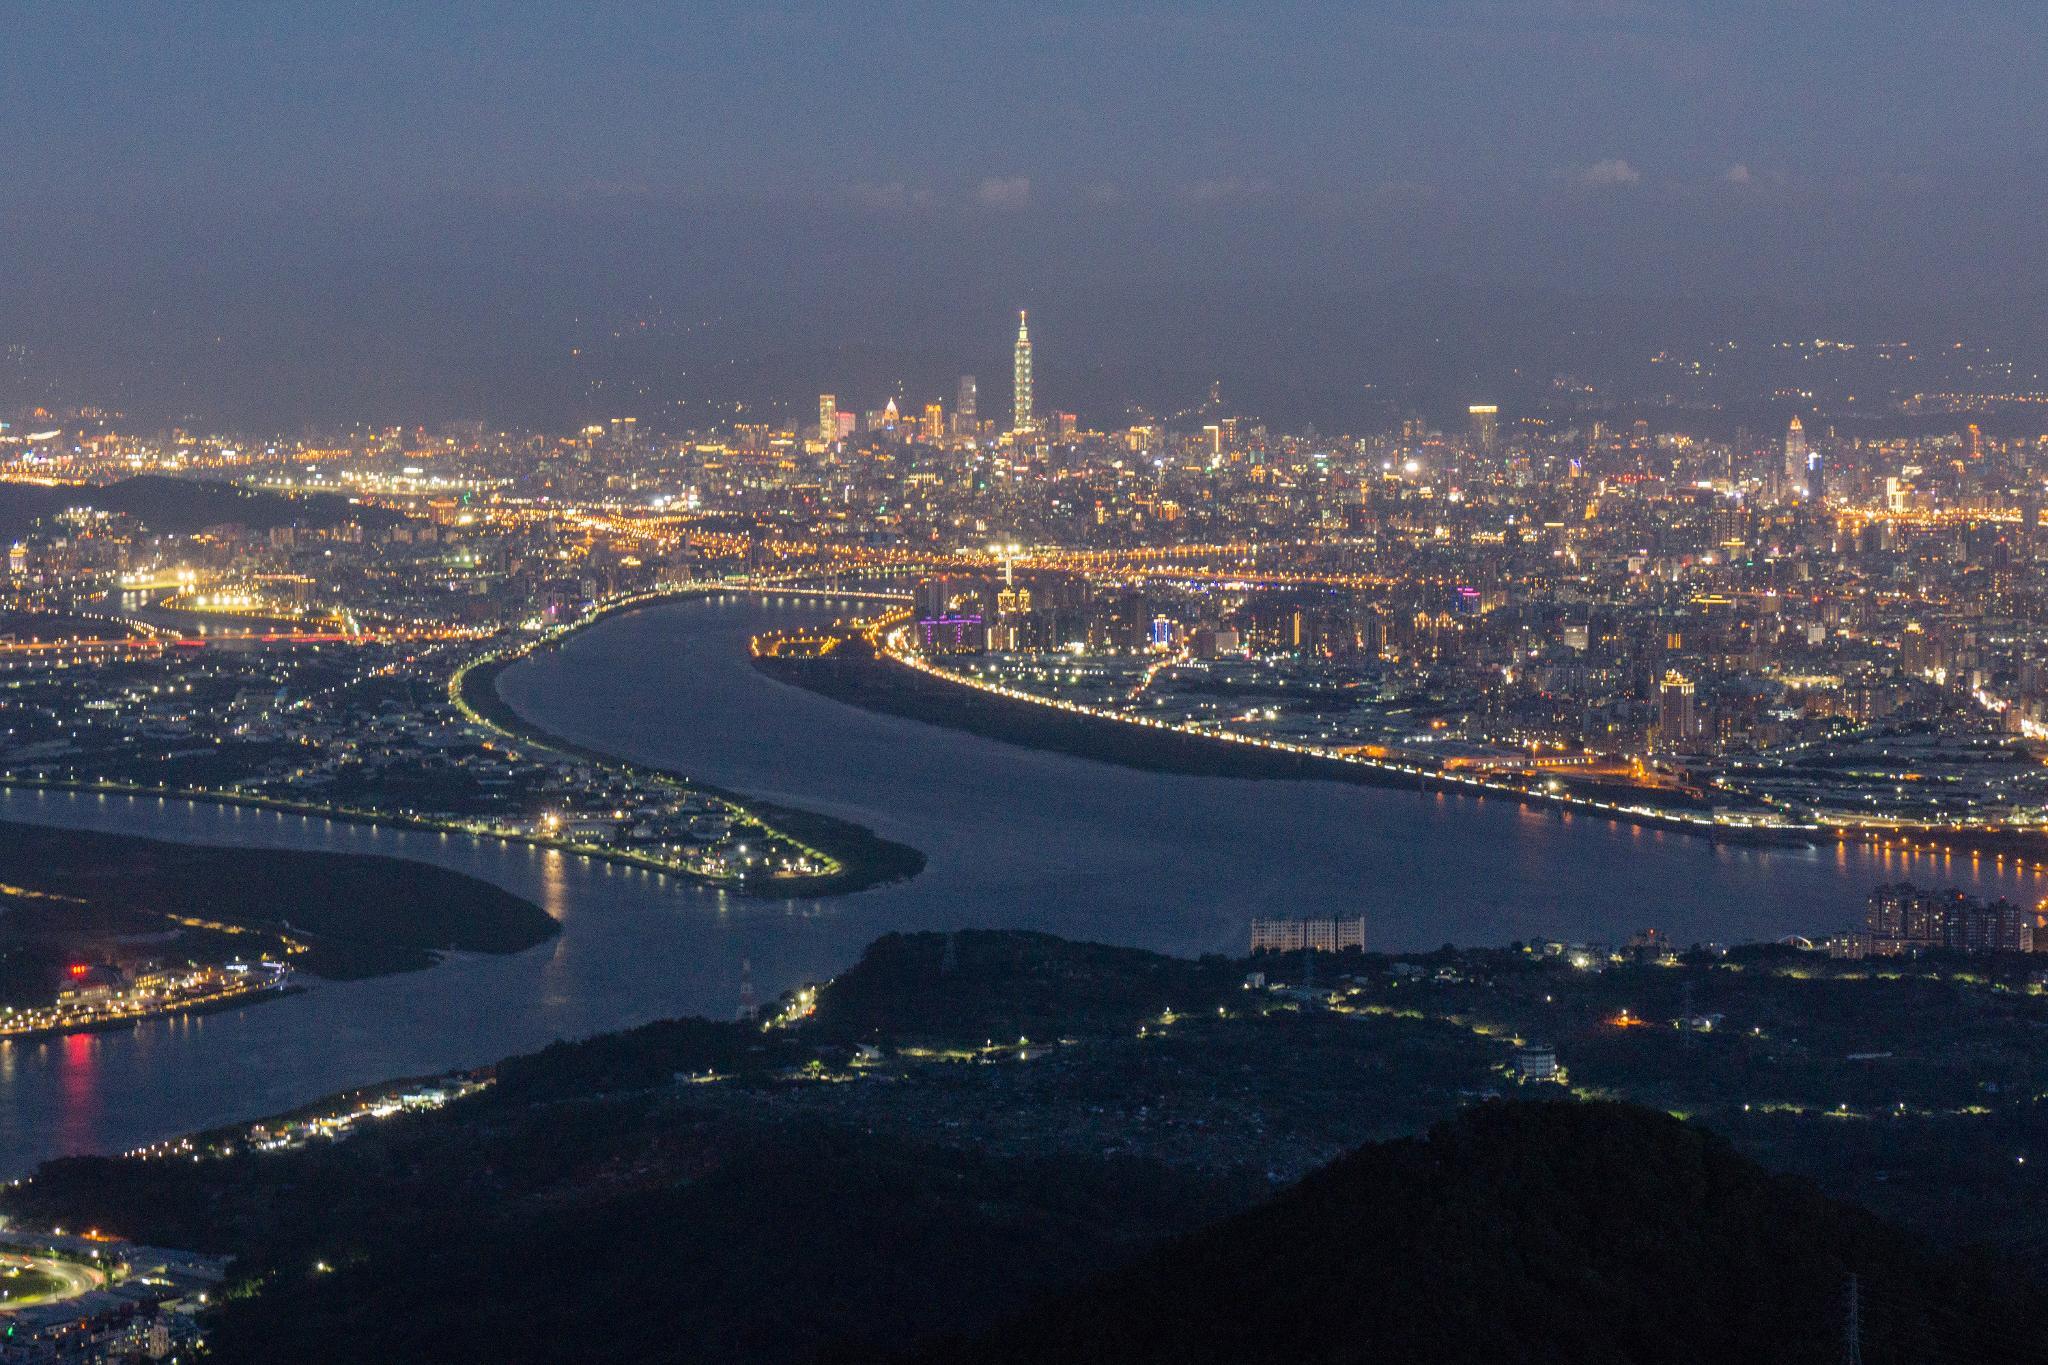 【臺北】觀音山硬漢嶺 — 瞭望大台北地區最推薦的觀景台 15